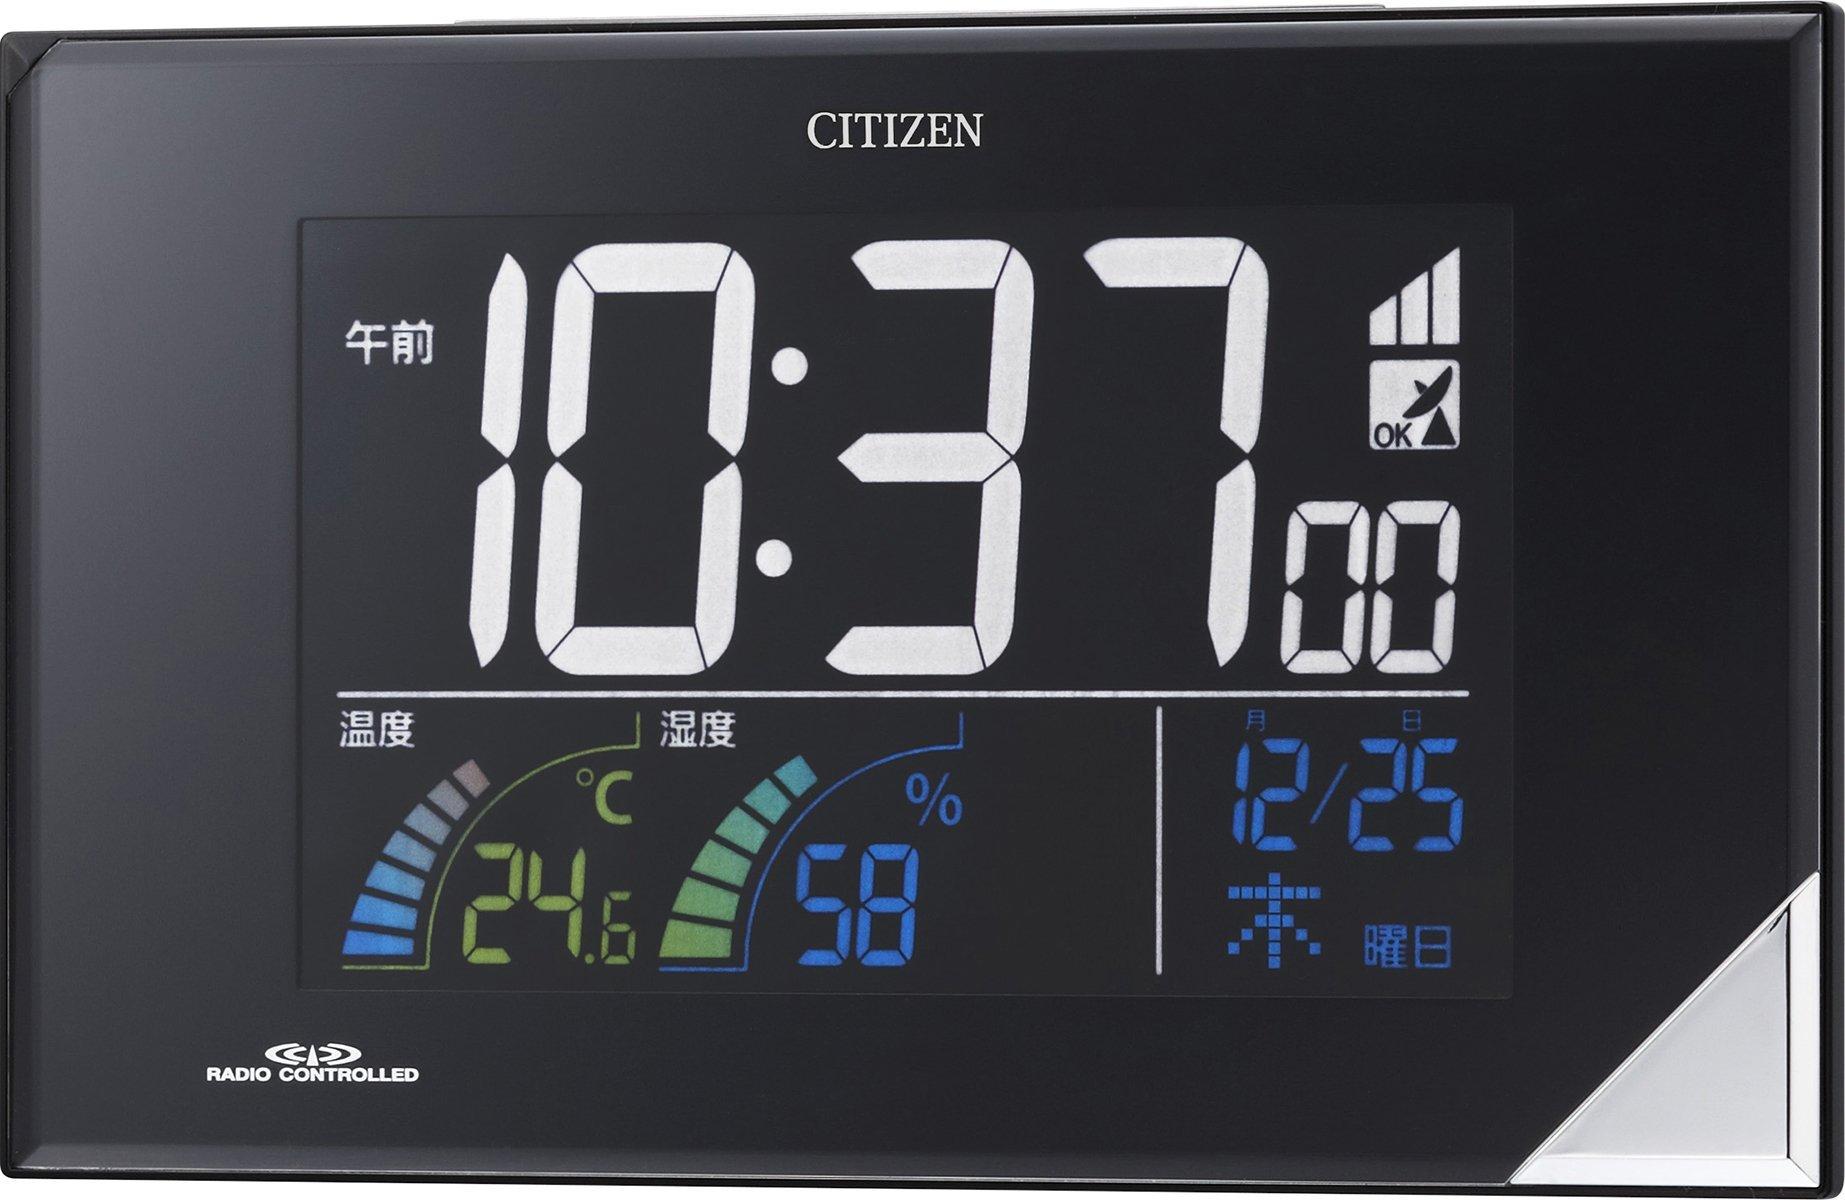 リズム時計 シチズン パルデジットネオン119 ブラック 8RZ119-002 取寄品